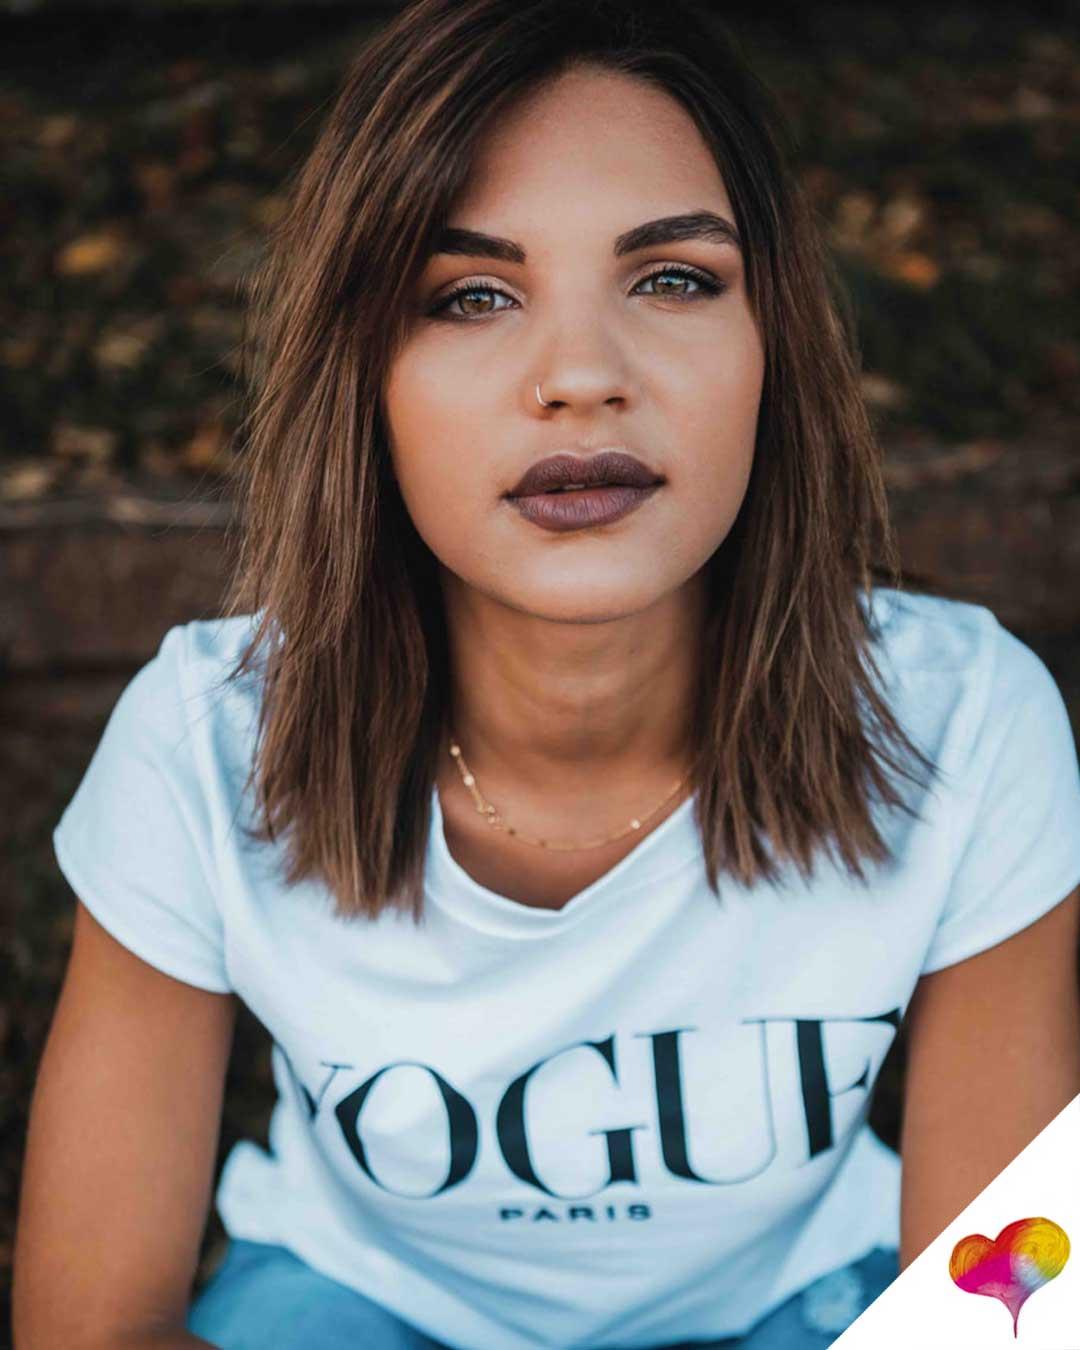 Rundes Gesicht: Frisuren, die Dir am Besten stehen - lovethislook.de